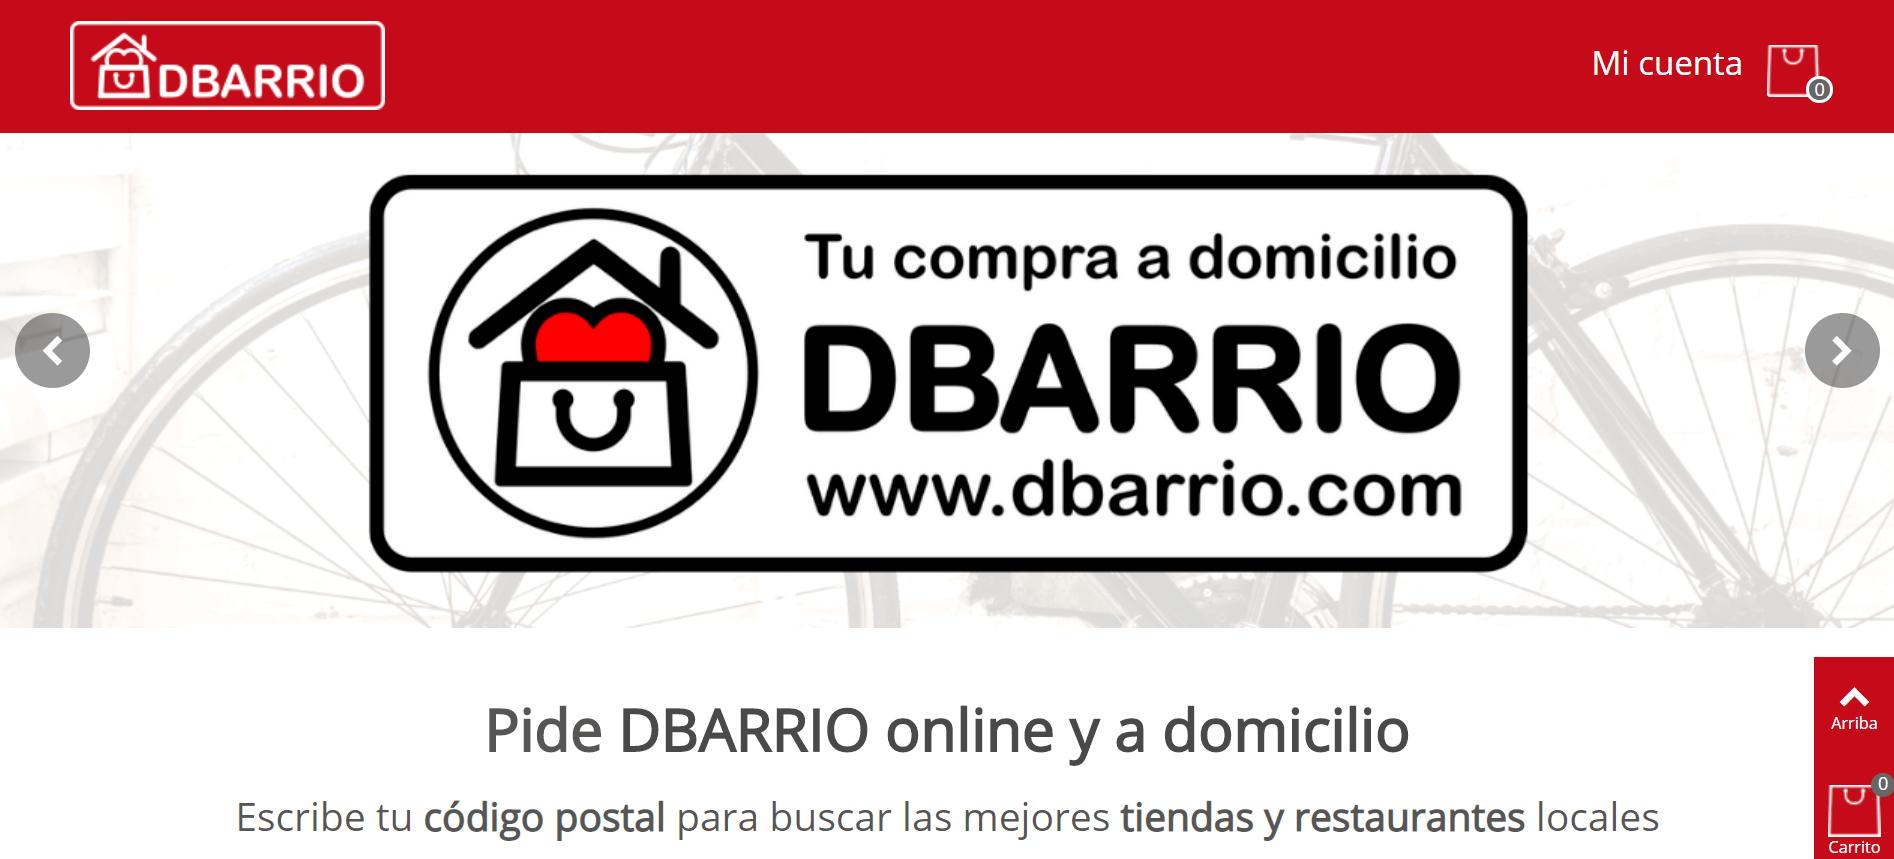 marca-dbarrio